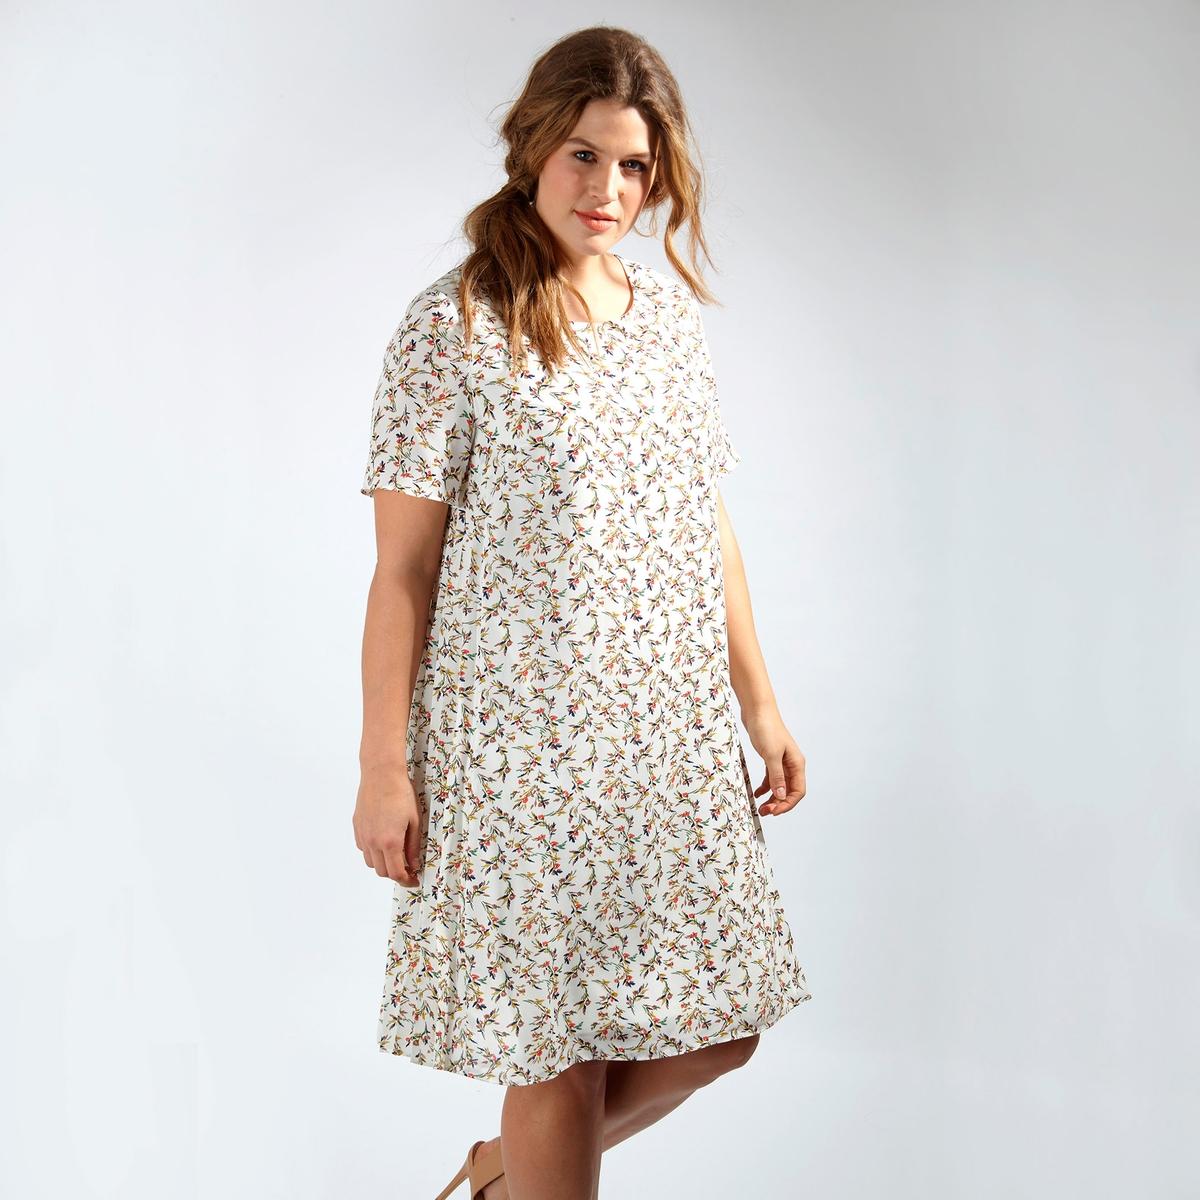 ПлатьеПлатье с короткими рукавами KOKO BY KOKO. Длина до колен. Круглый вырез. 100% полиэстер<br><br>Цвет: набивной рисунок<br>Размер: 50/52 (FR) - 56/58 (RUS).48 (FR) - 54 (RUS)